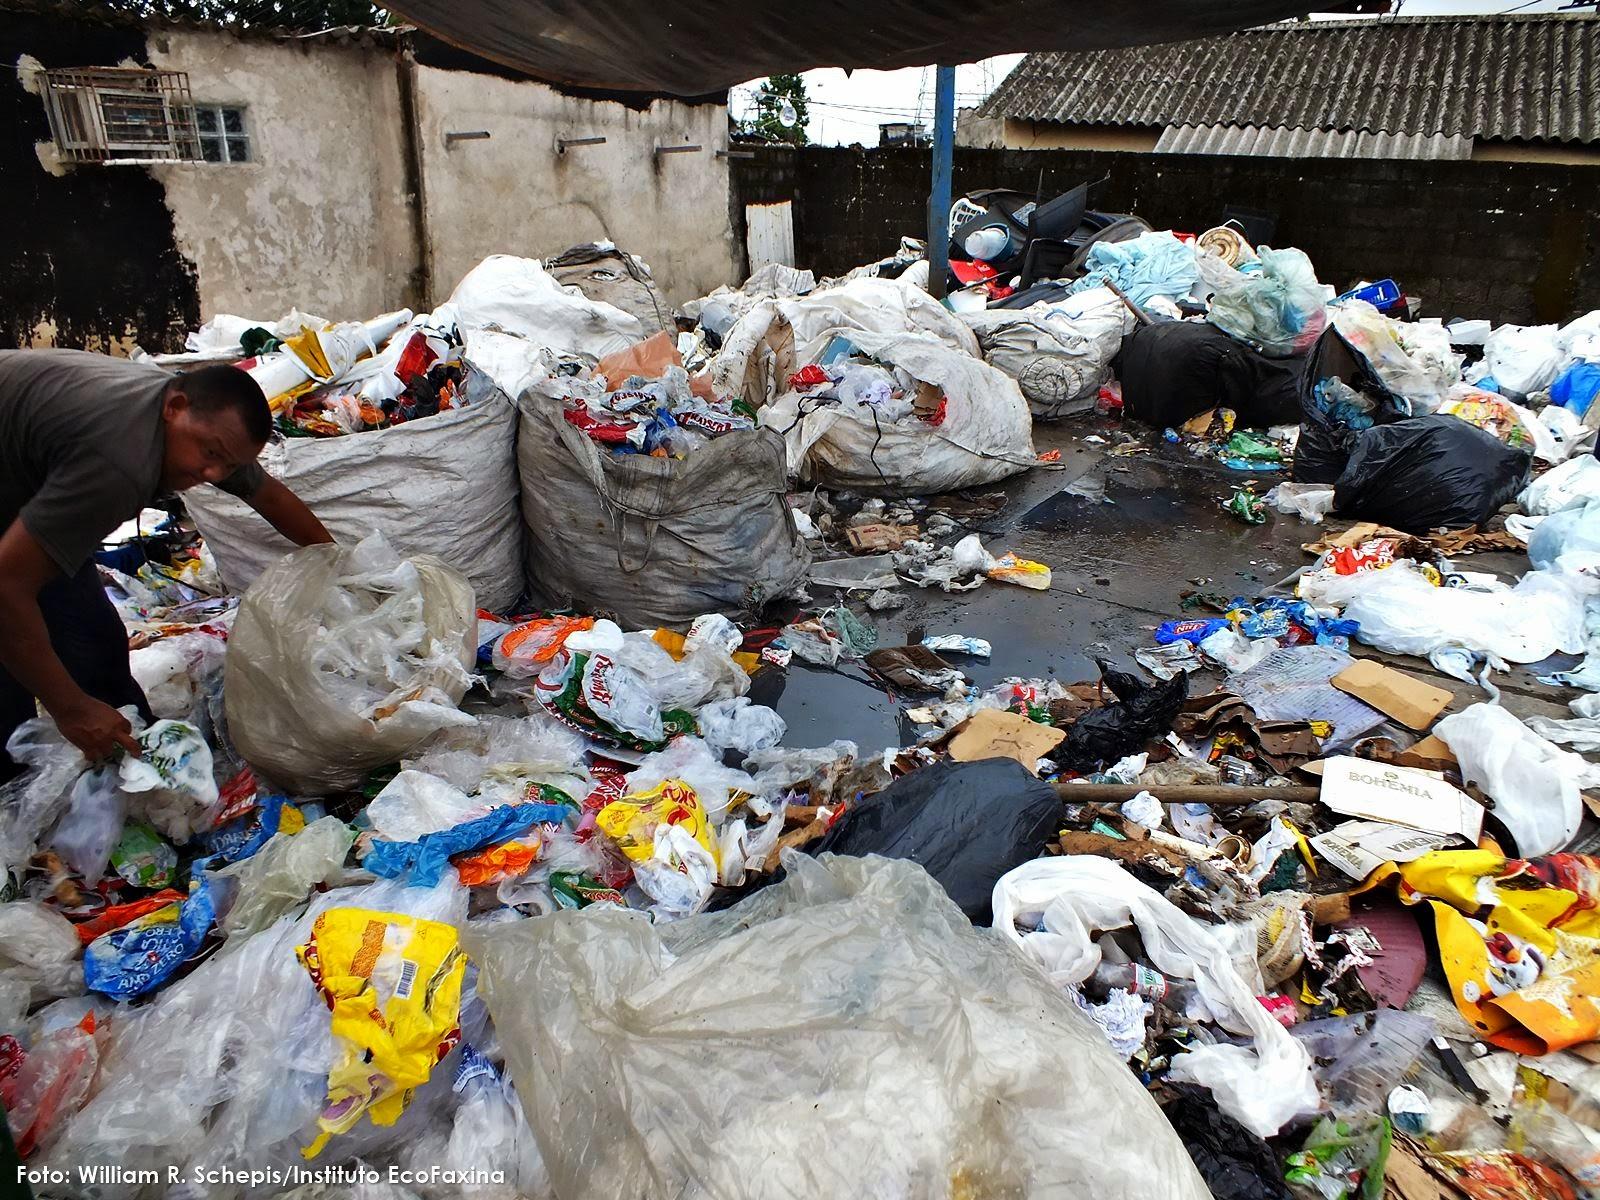 Pessoas separam resíduos sem o uso de equipamentos de proteção individual.